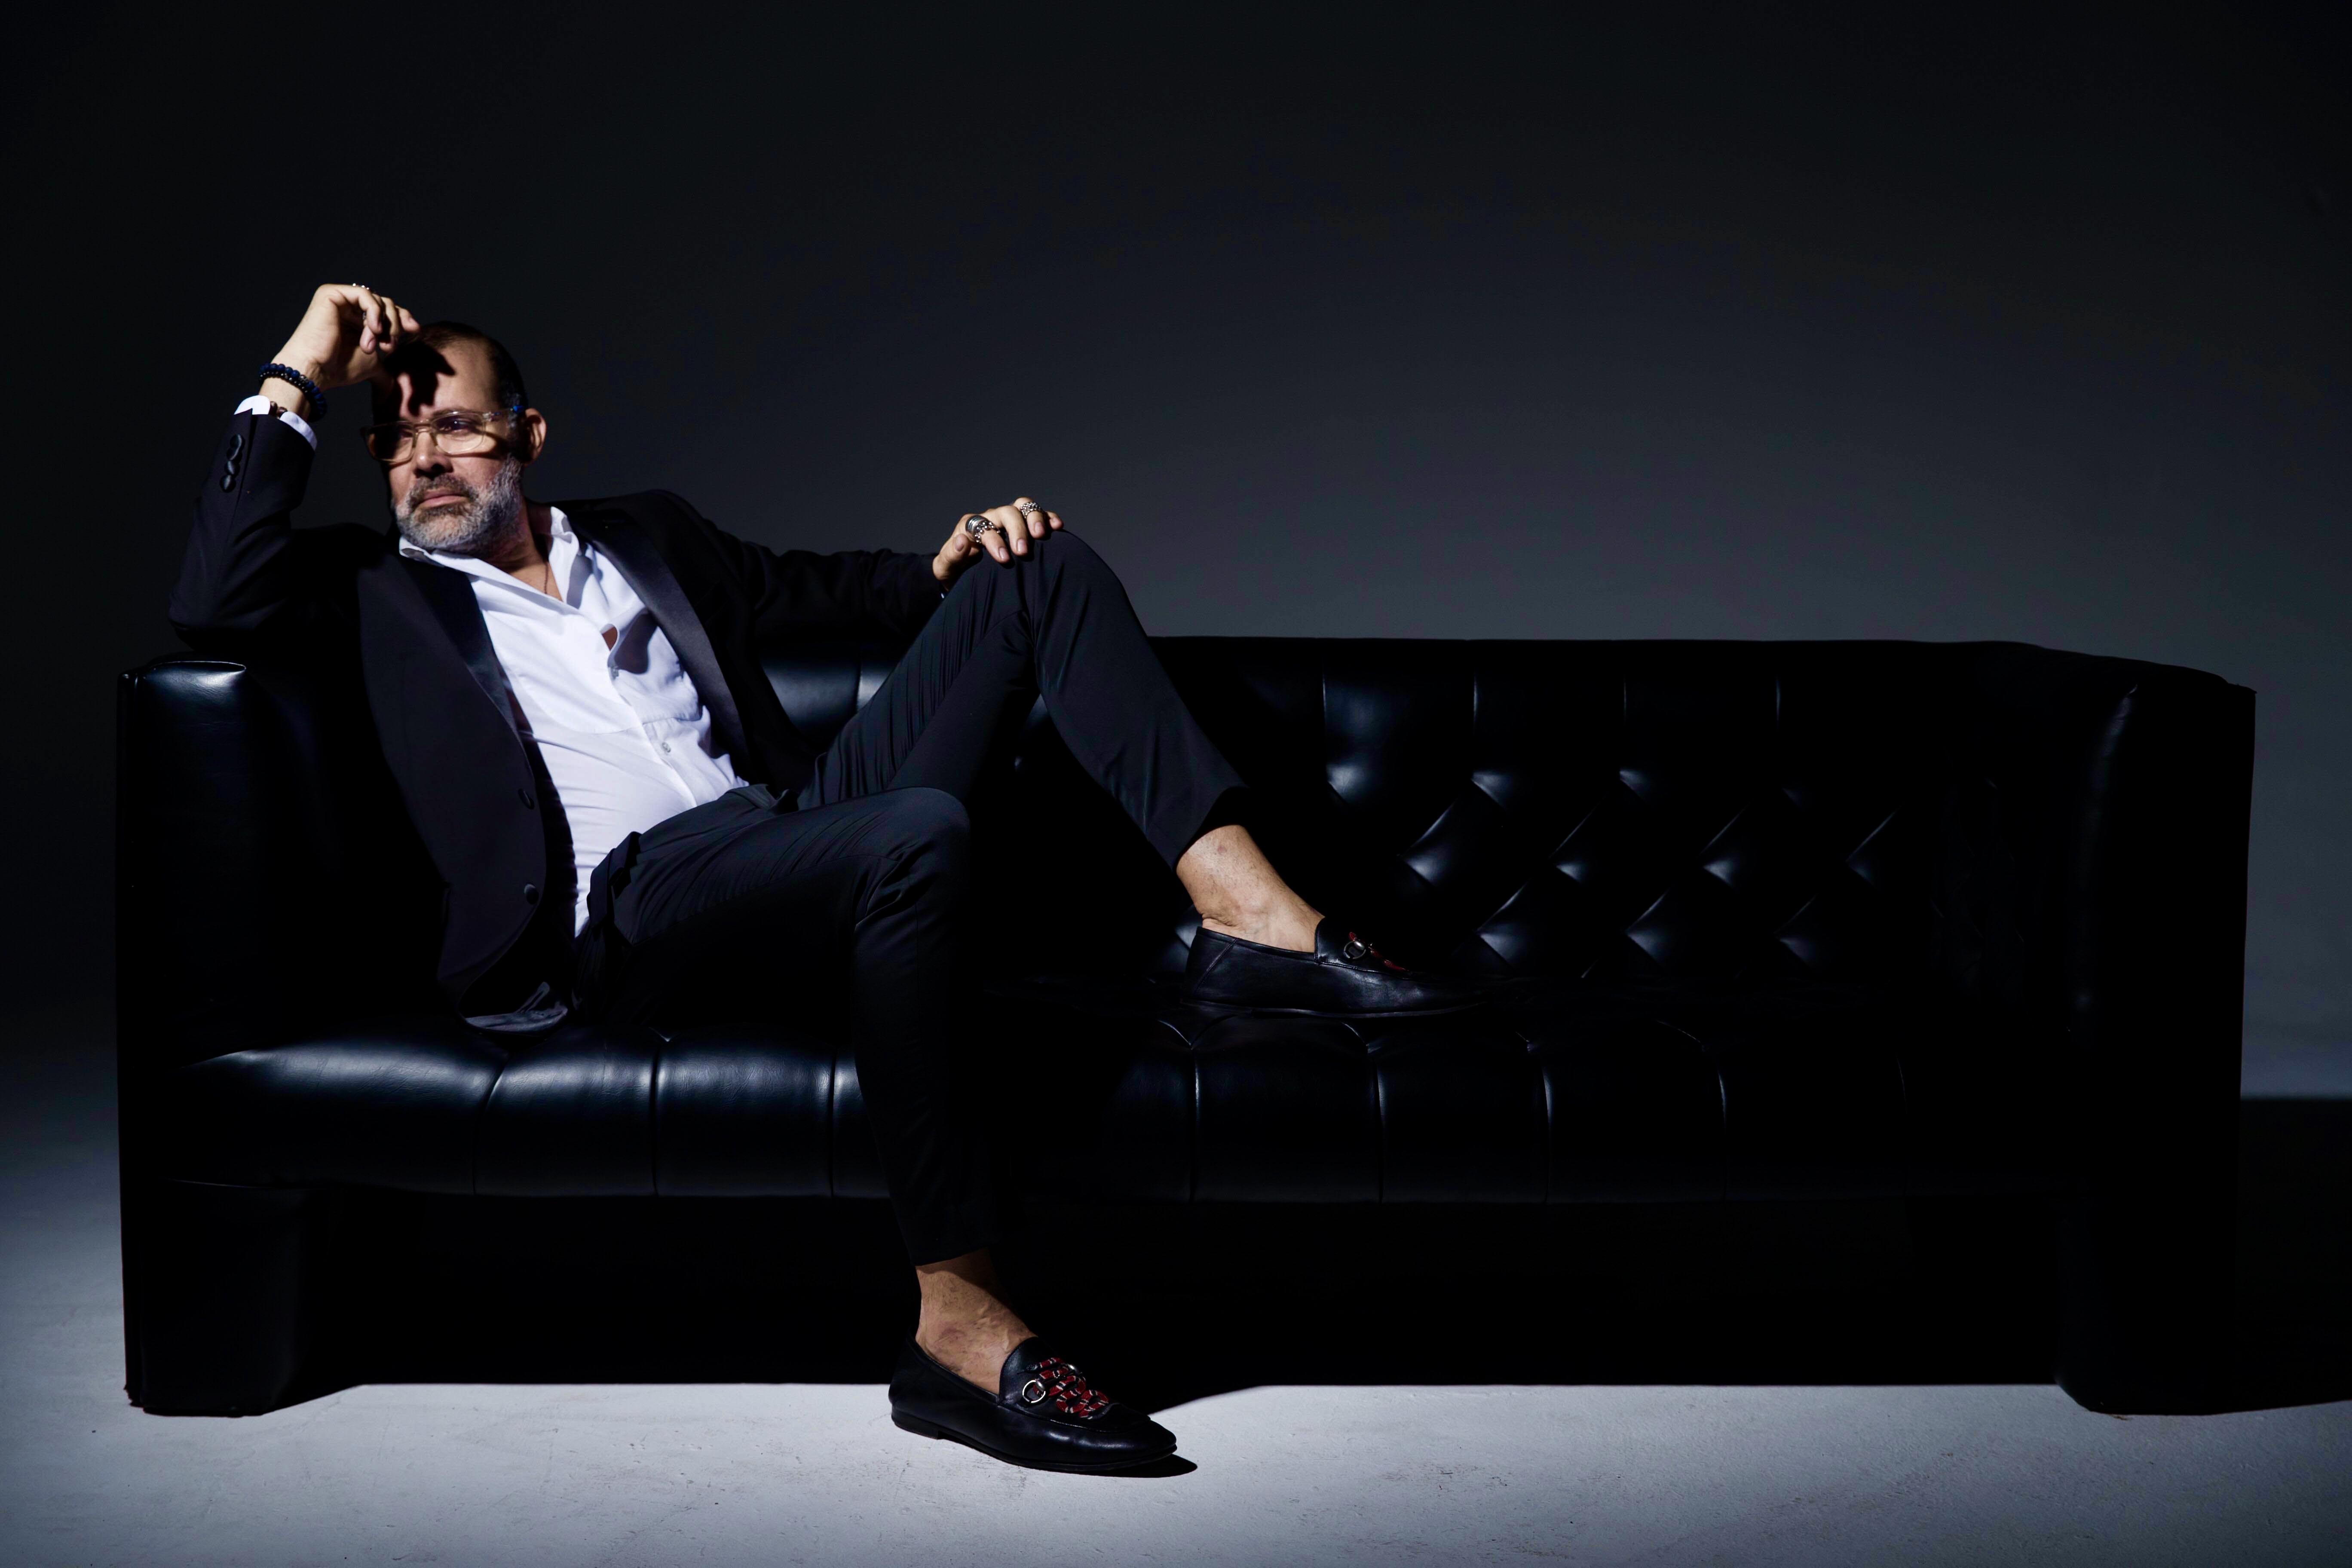 David Antonio vive con la ilusión del primer día sus 35 años en la moda